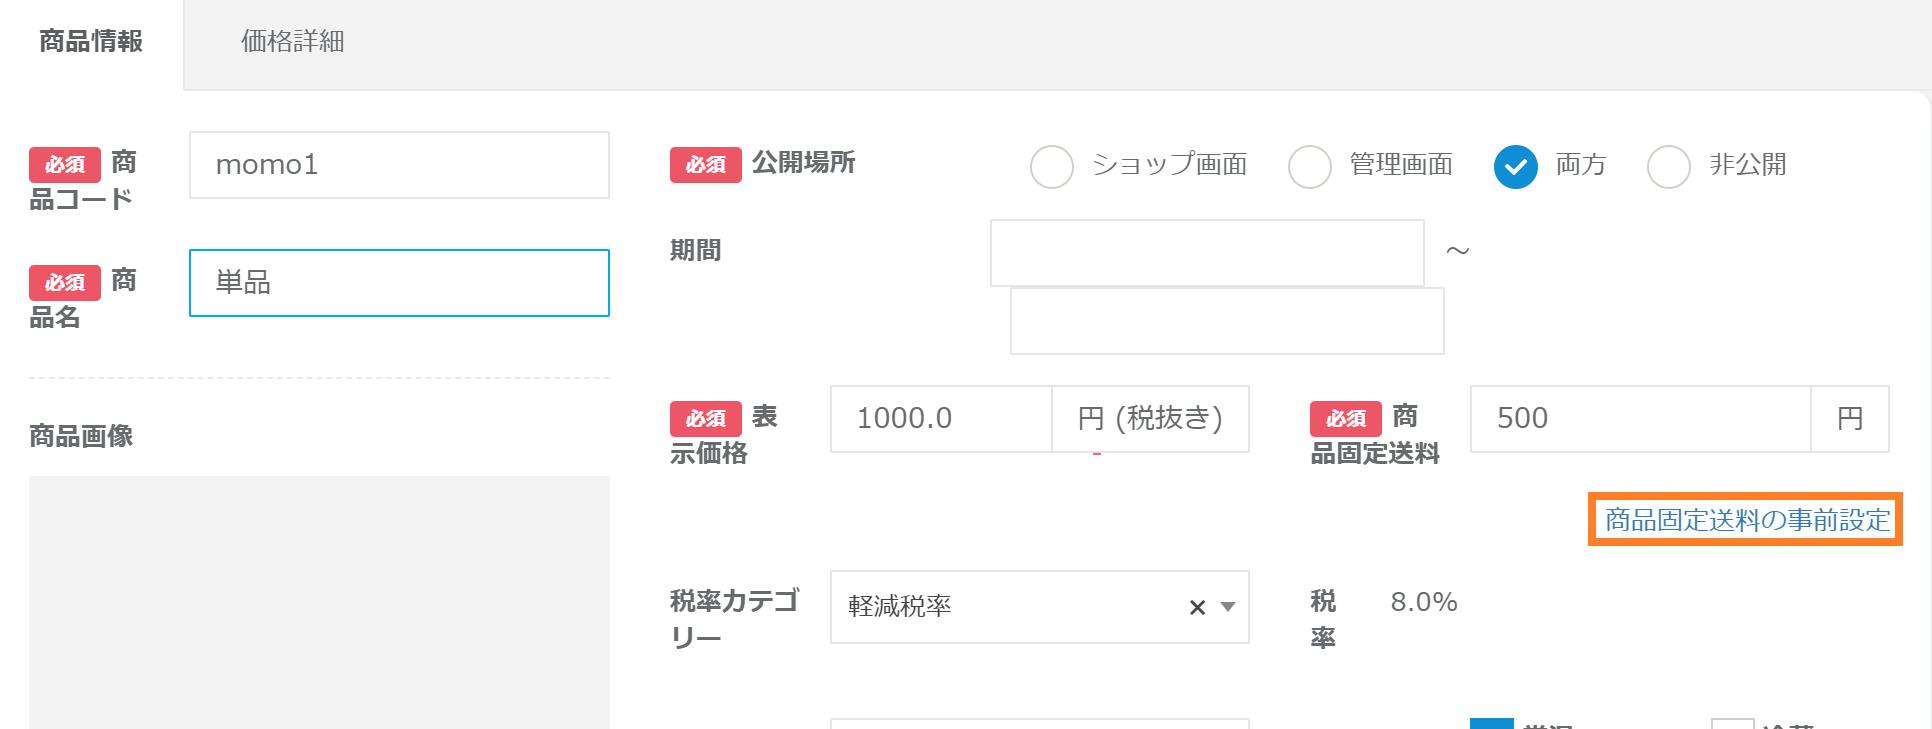 追跡 ジャパン トール エクスプレス トールエクスプレスジャパン追跡番号、お問い合わせ、営業所一覧!